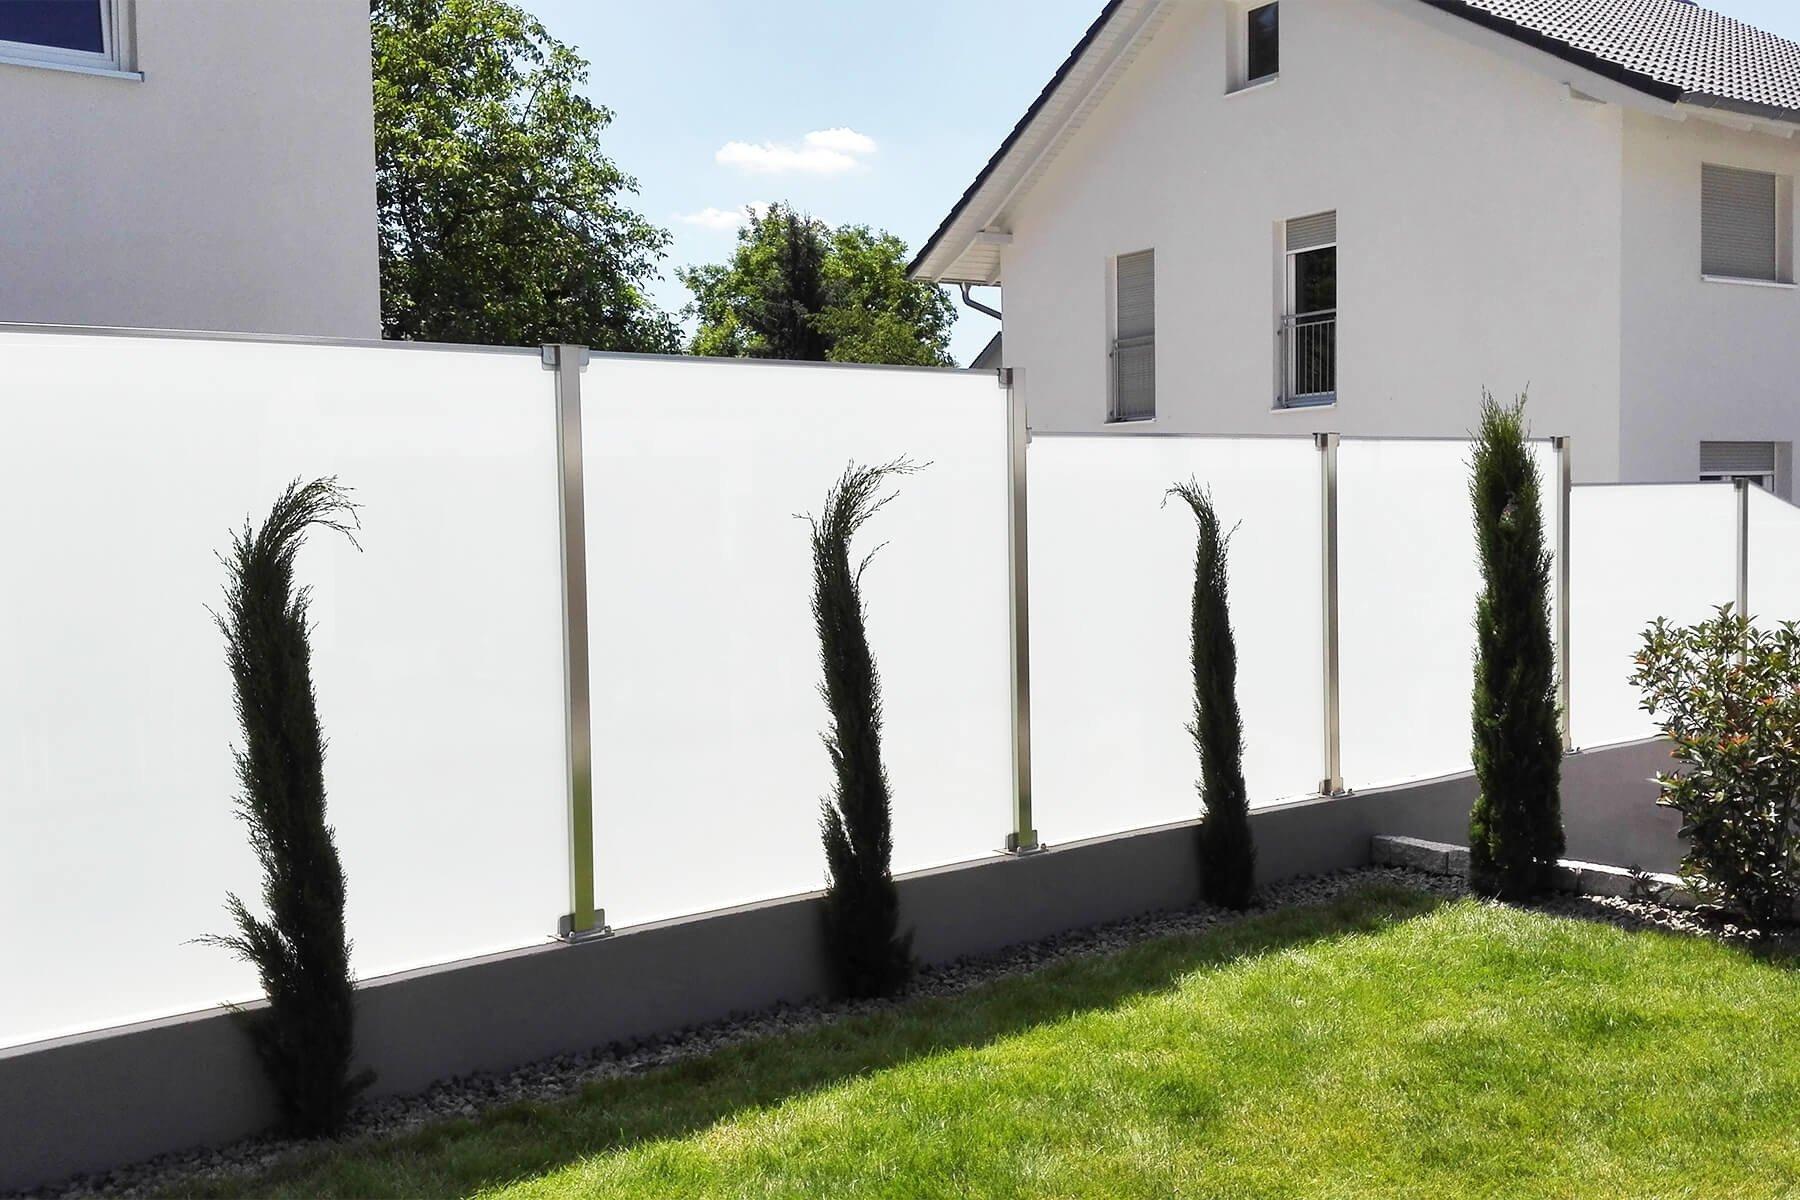 Glaszaunsystem Aundo mit Schrägschnitten die perfekte Lösung für Höhenanpassungen im Garten oder auf der Terrasse